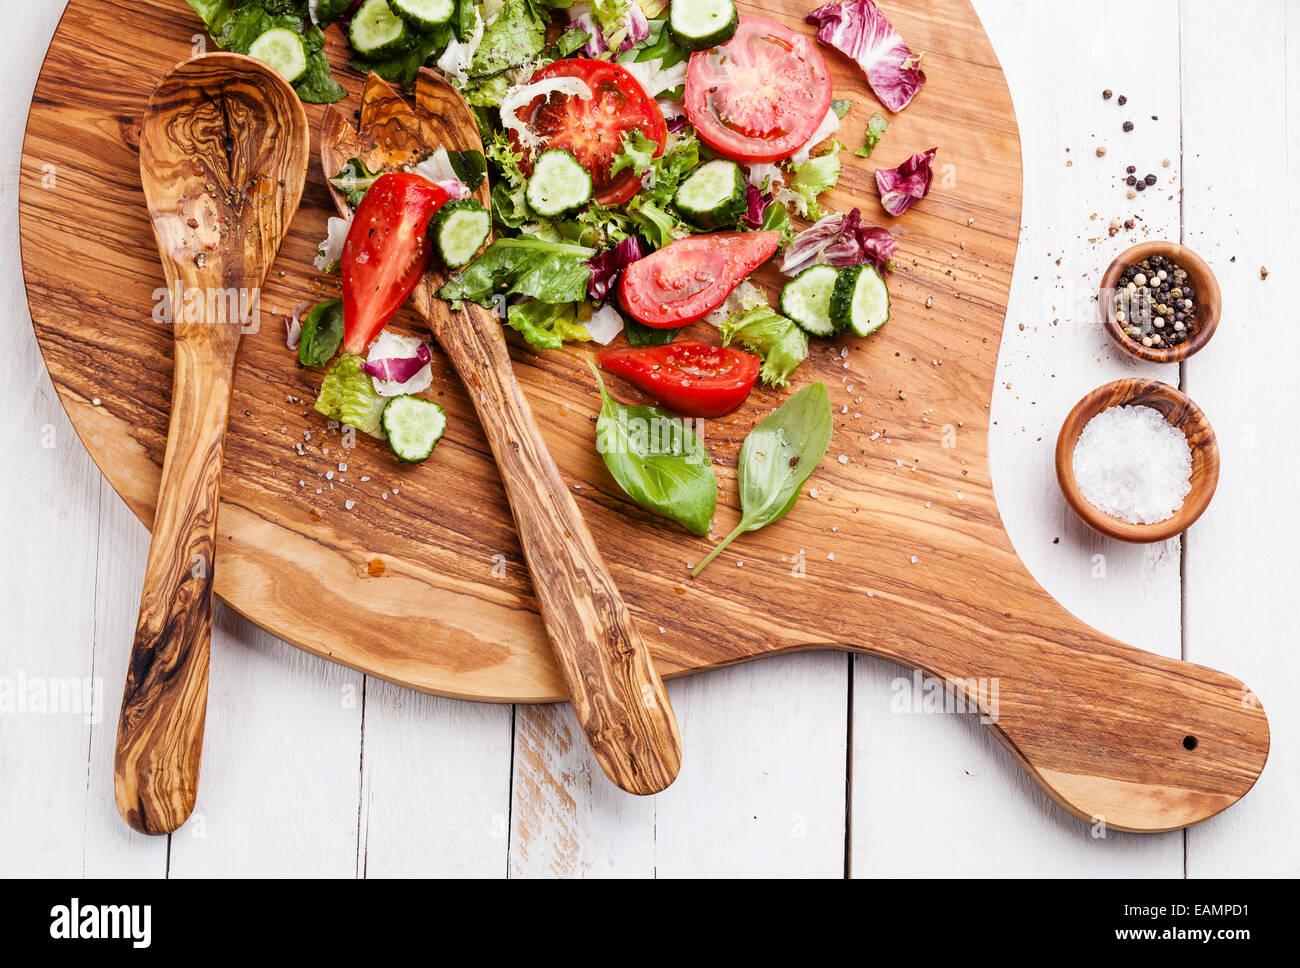 Zutaten von Salat aus frischem Gemüse auf Oliven Holz Schneidebrett Stockbild